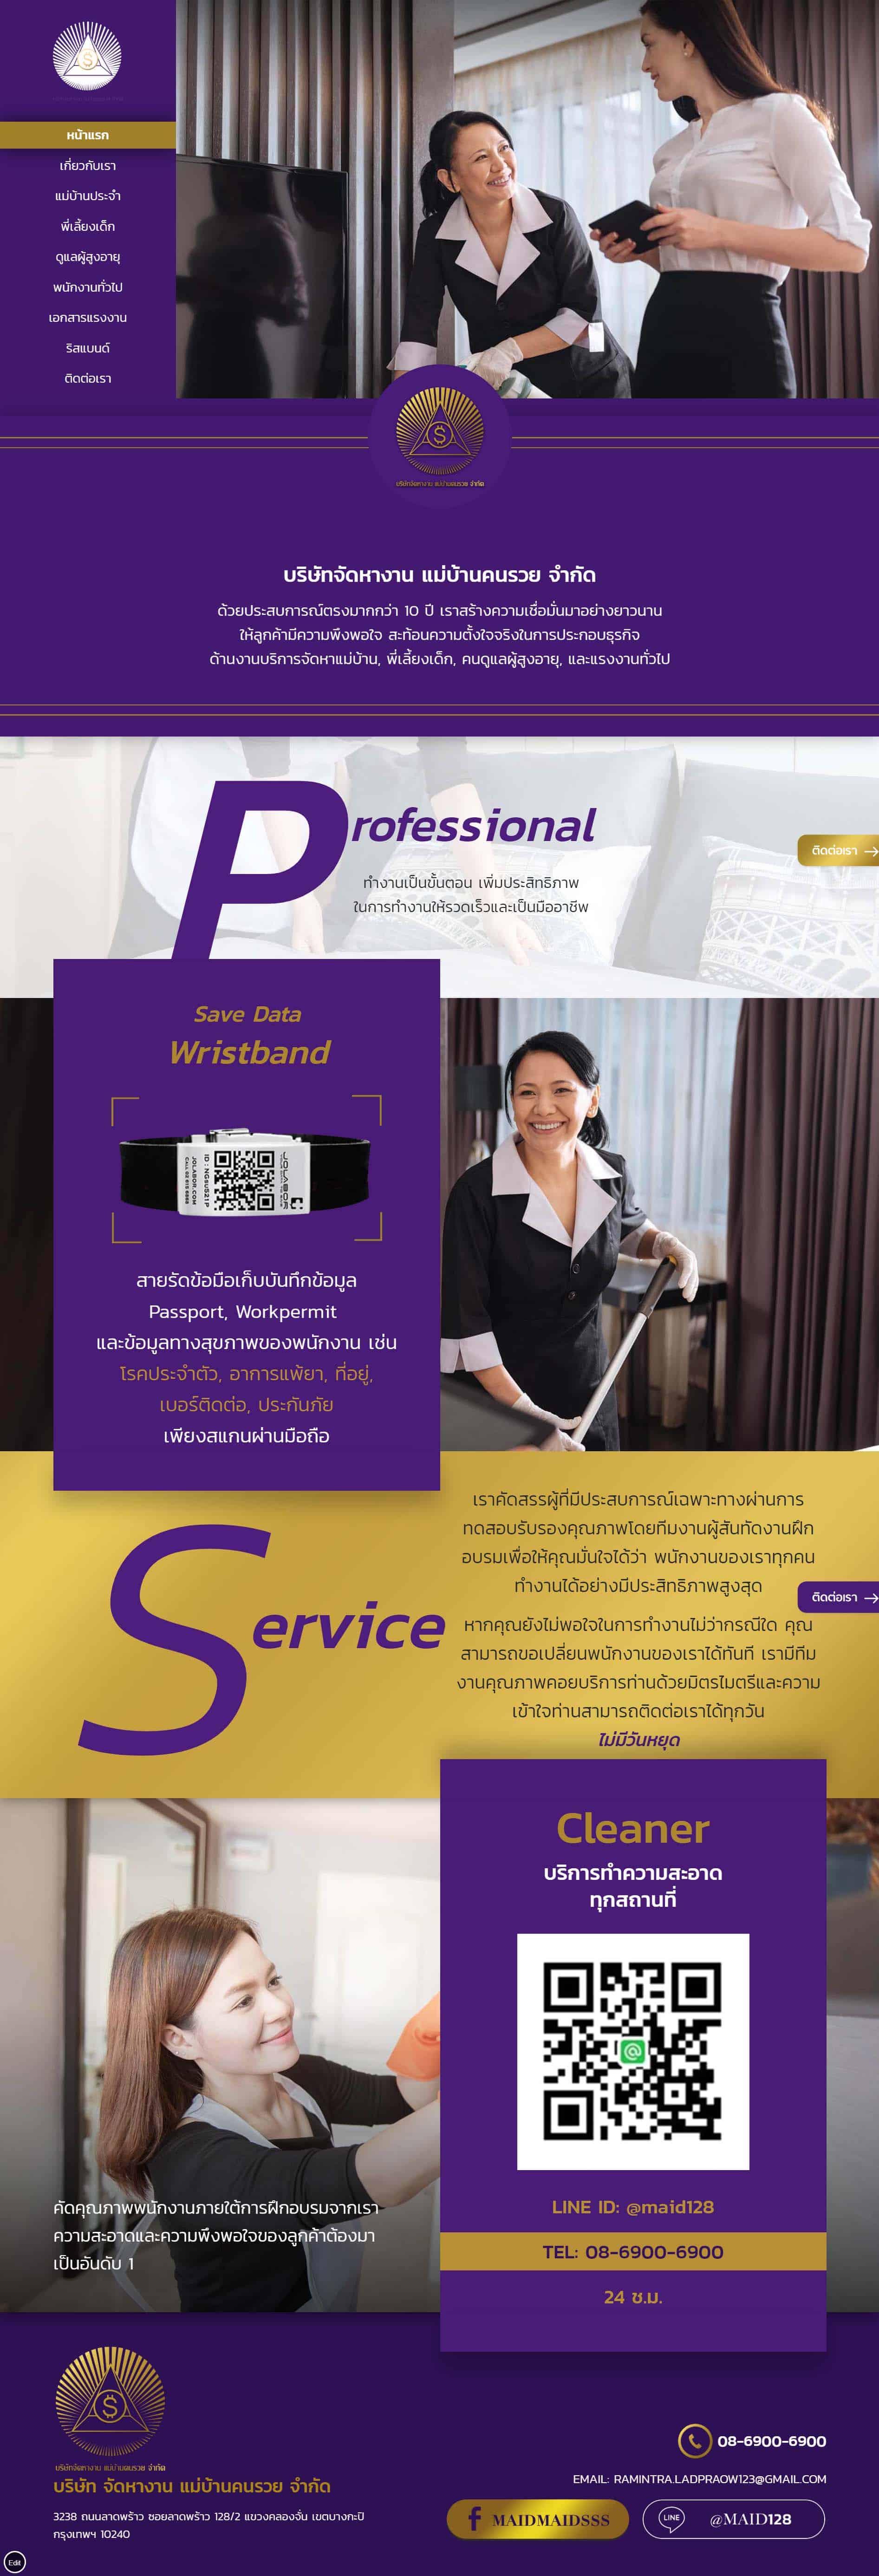 จัดหางาน | เว็บไซต์จัดหารงาน แม่บ้านคนรวย - teeneeweb.com